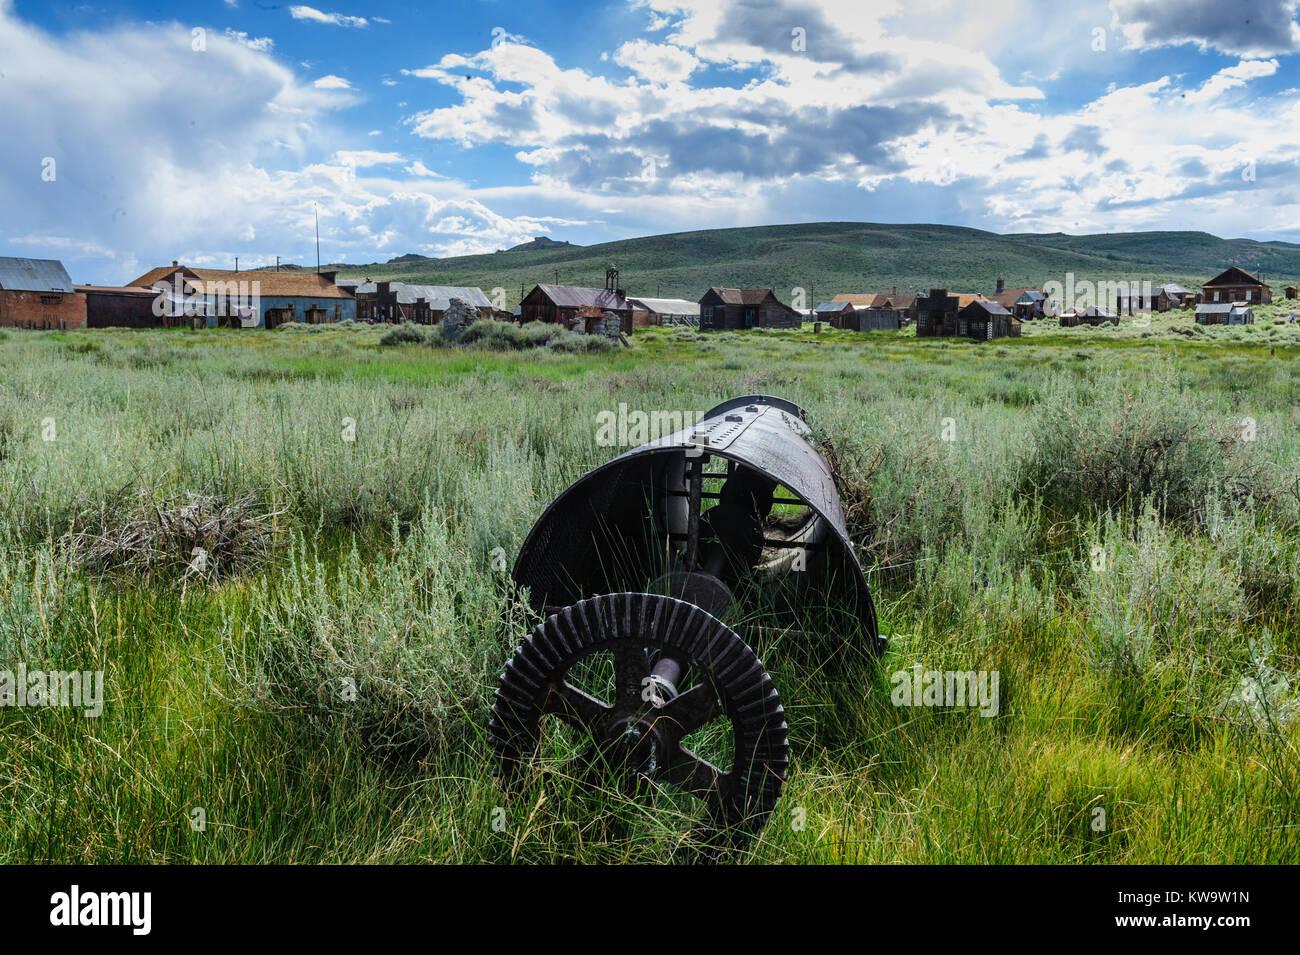 Vieux, équipements miniers abandonnés Photo Stock